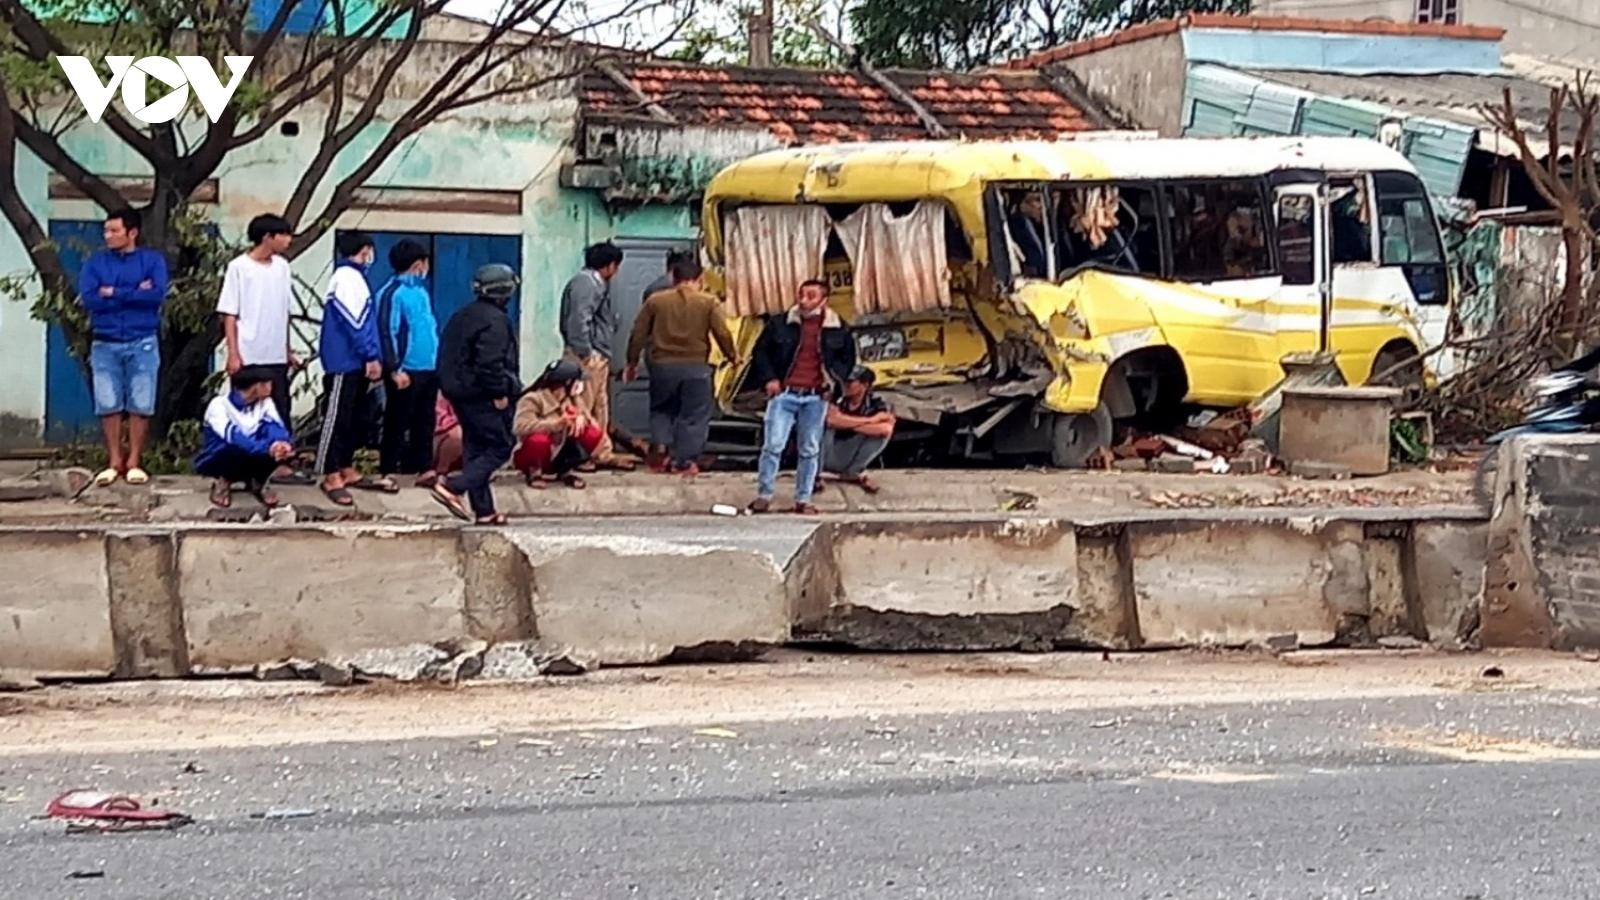 Xe ô tô đâm vào nhà dân sau tai nạn liên hoàn ở Quảng Bình